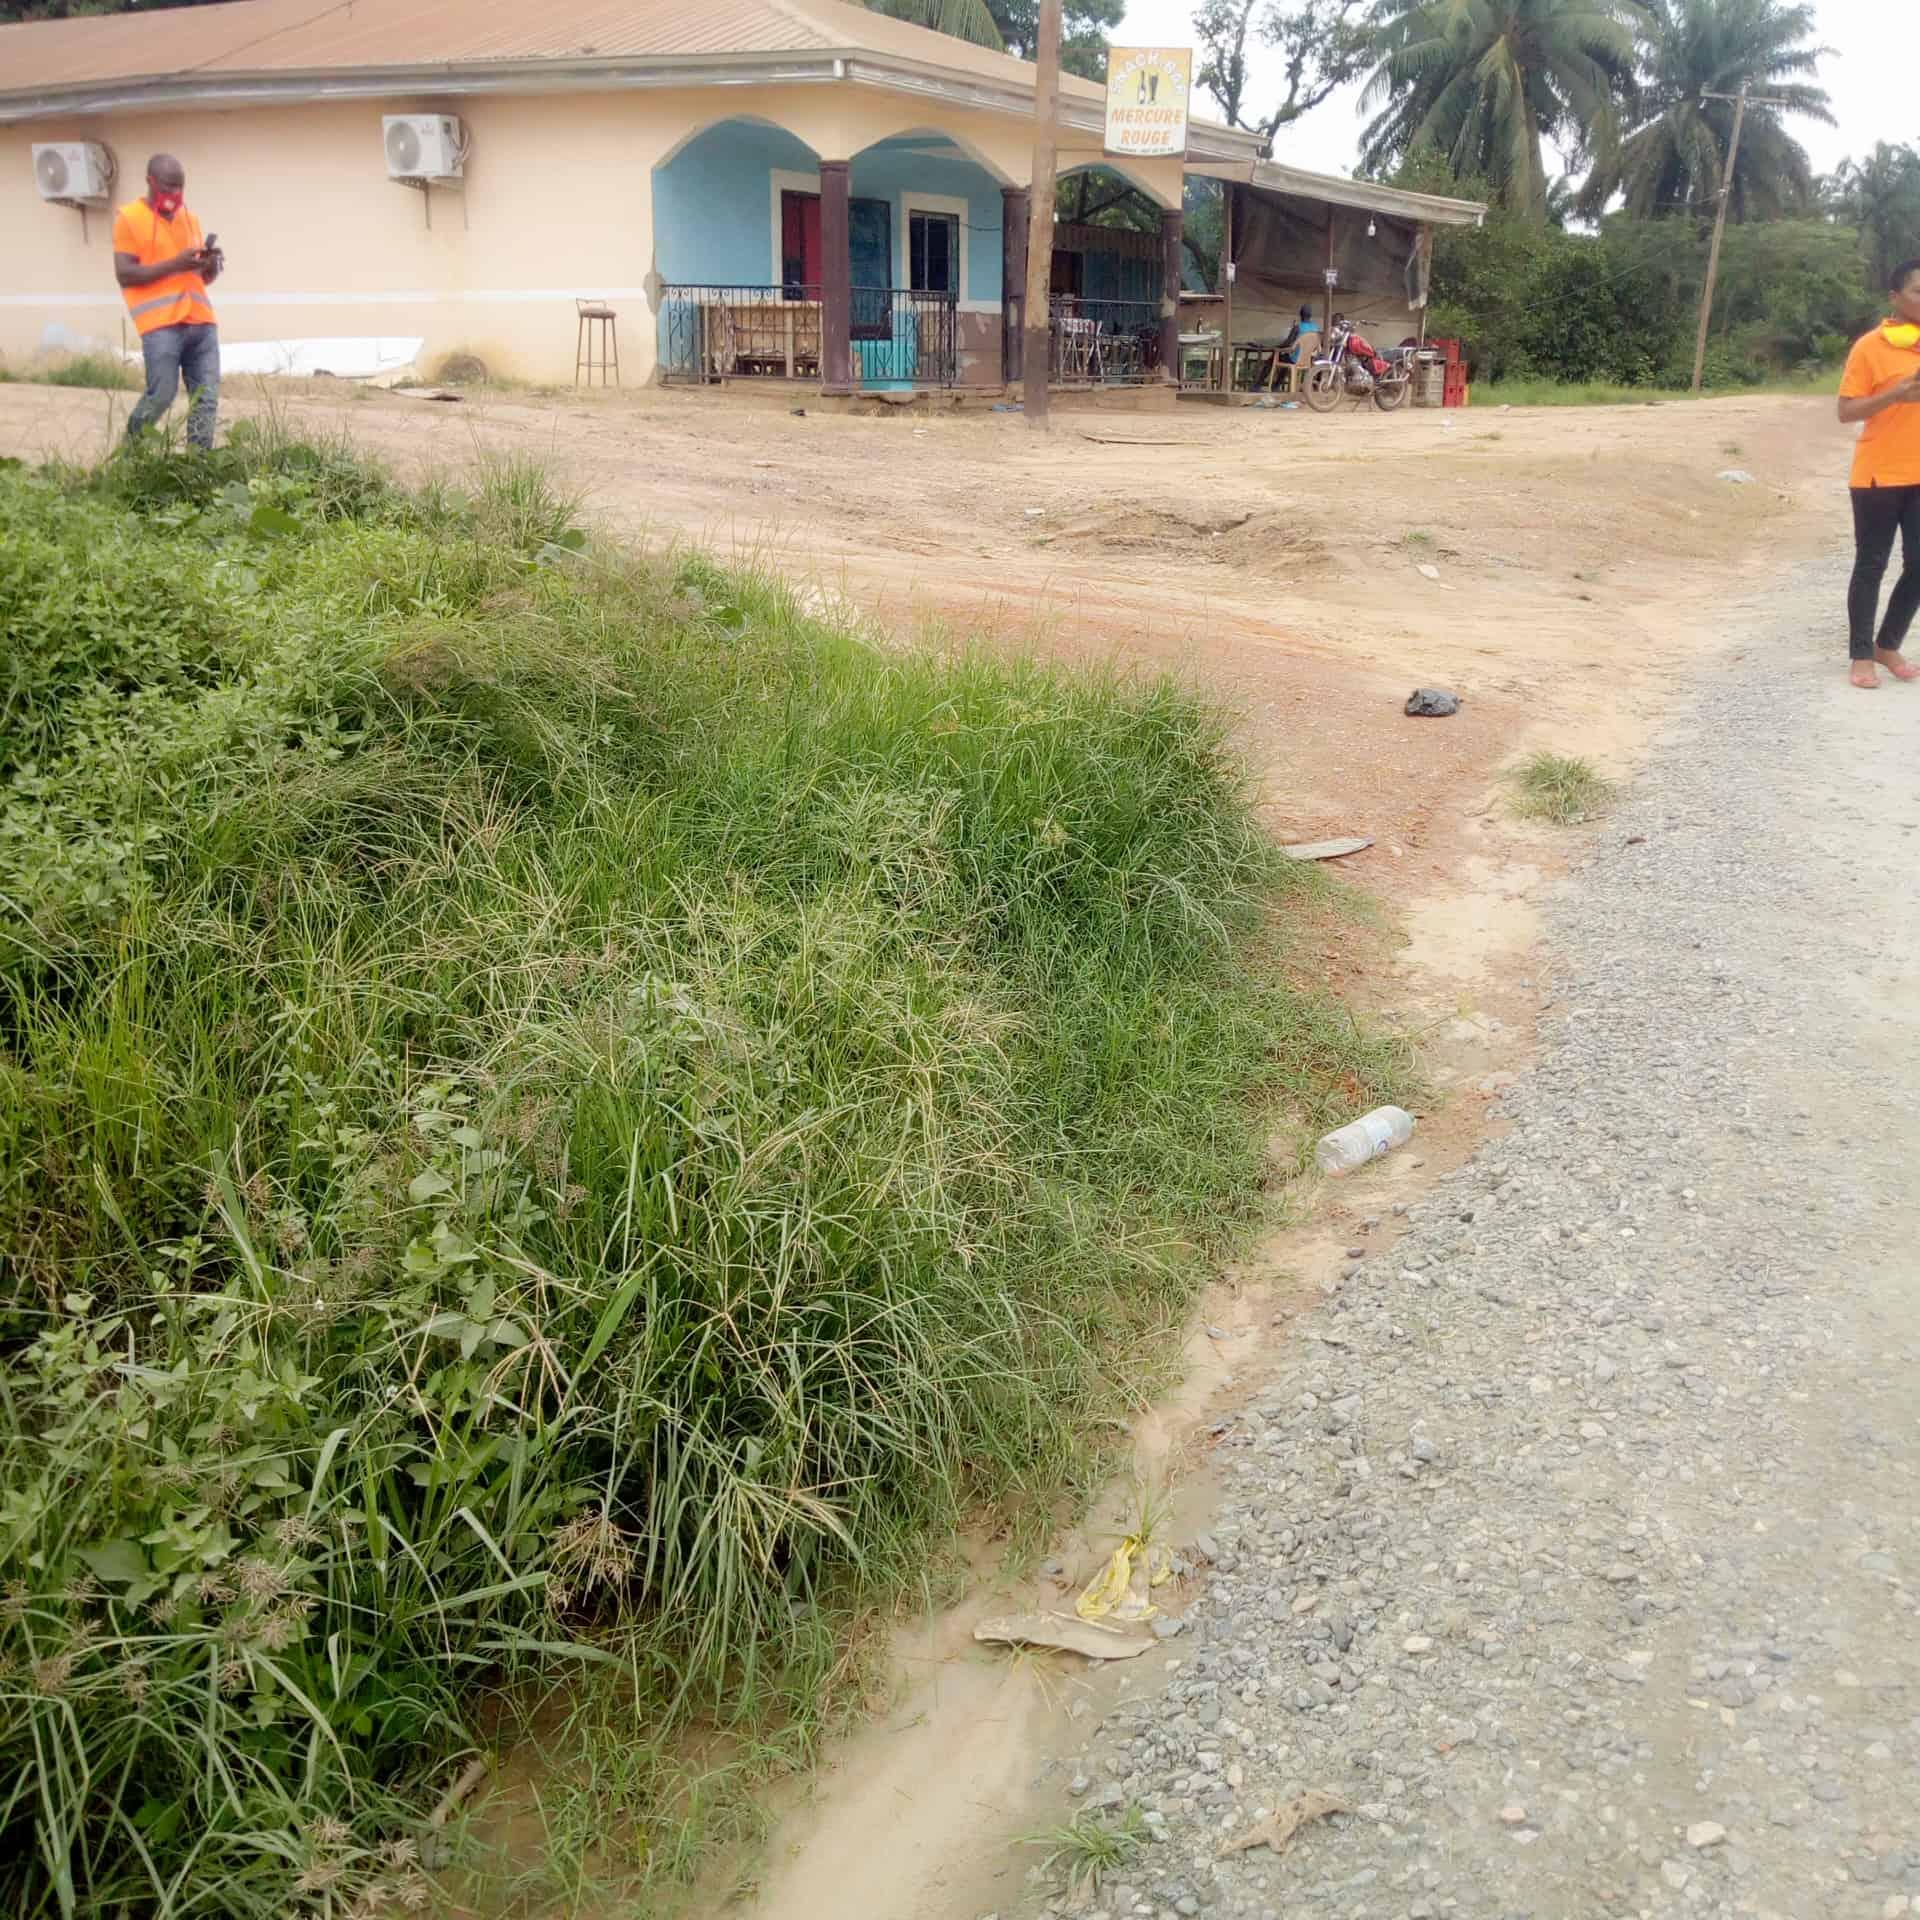 Land for sale at Douala, PK 26, Pk26 - 5000 m2 - 50 000 000 FCFA